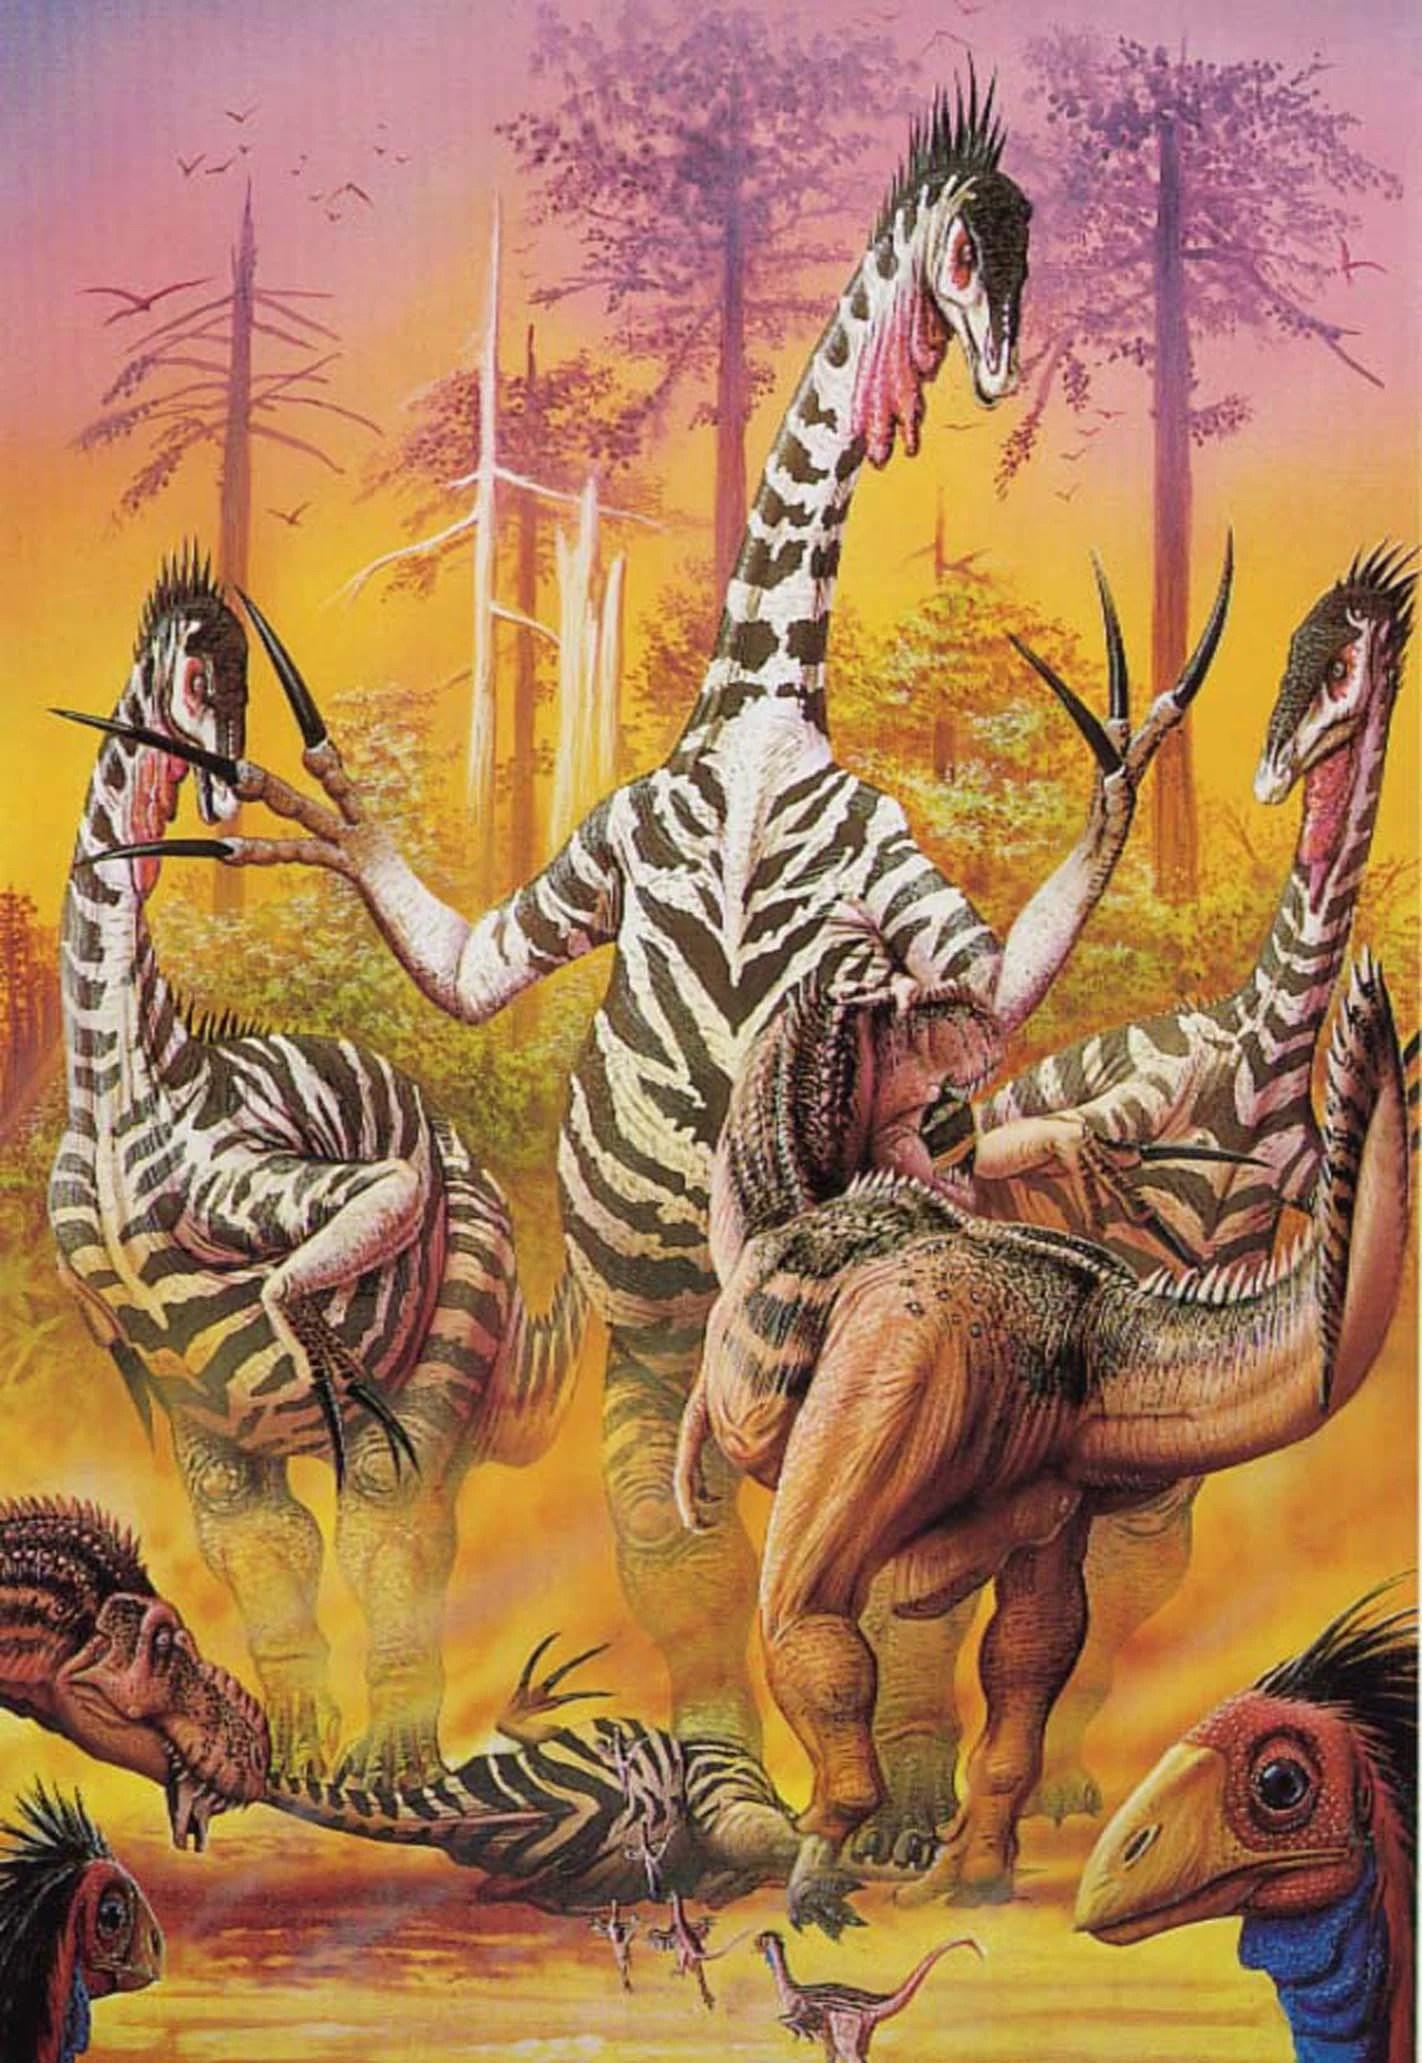 Luis Rey Dinosaurs